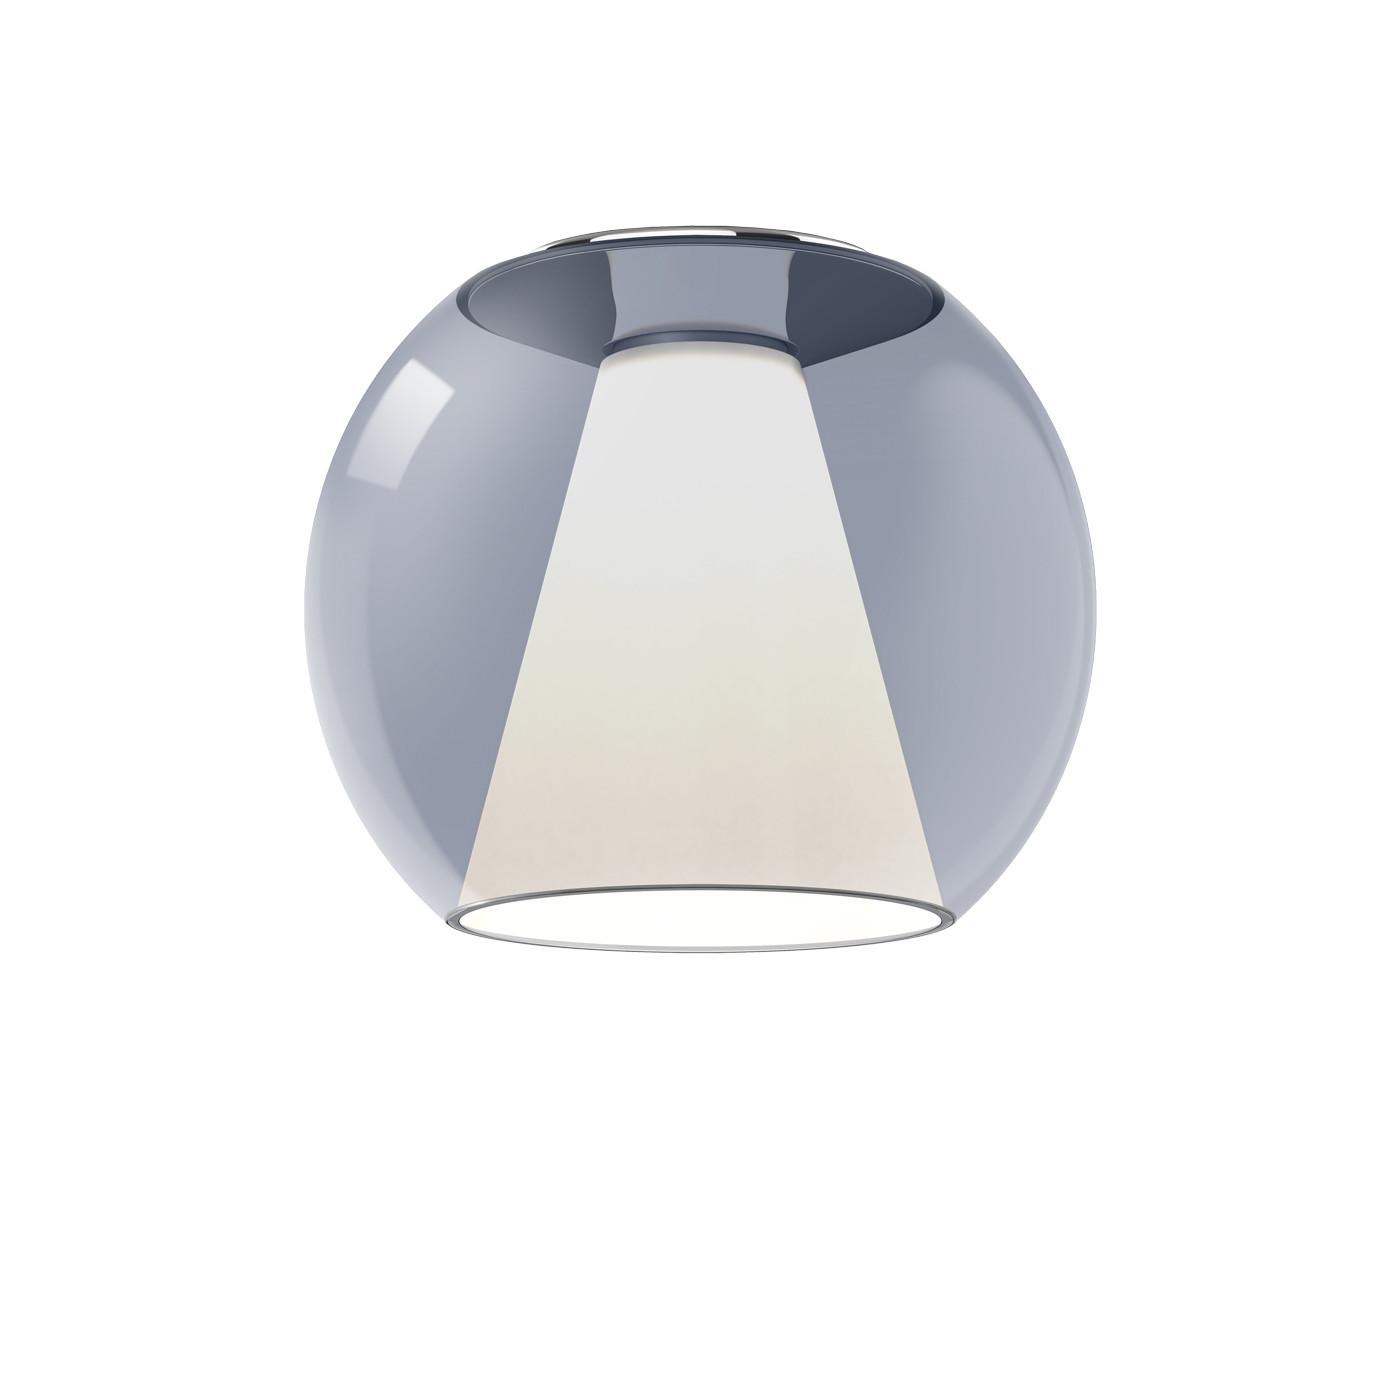 Serien Lighting Draft Ceiling M